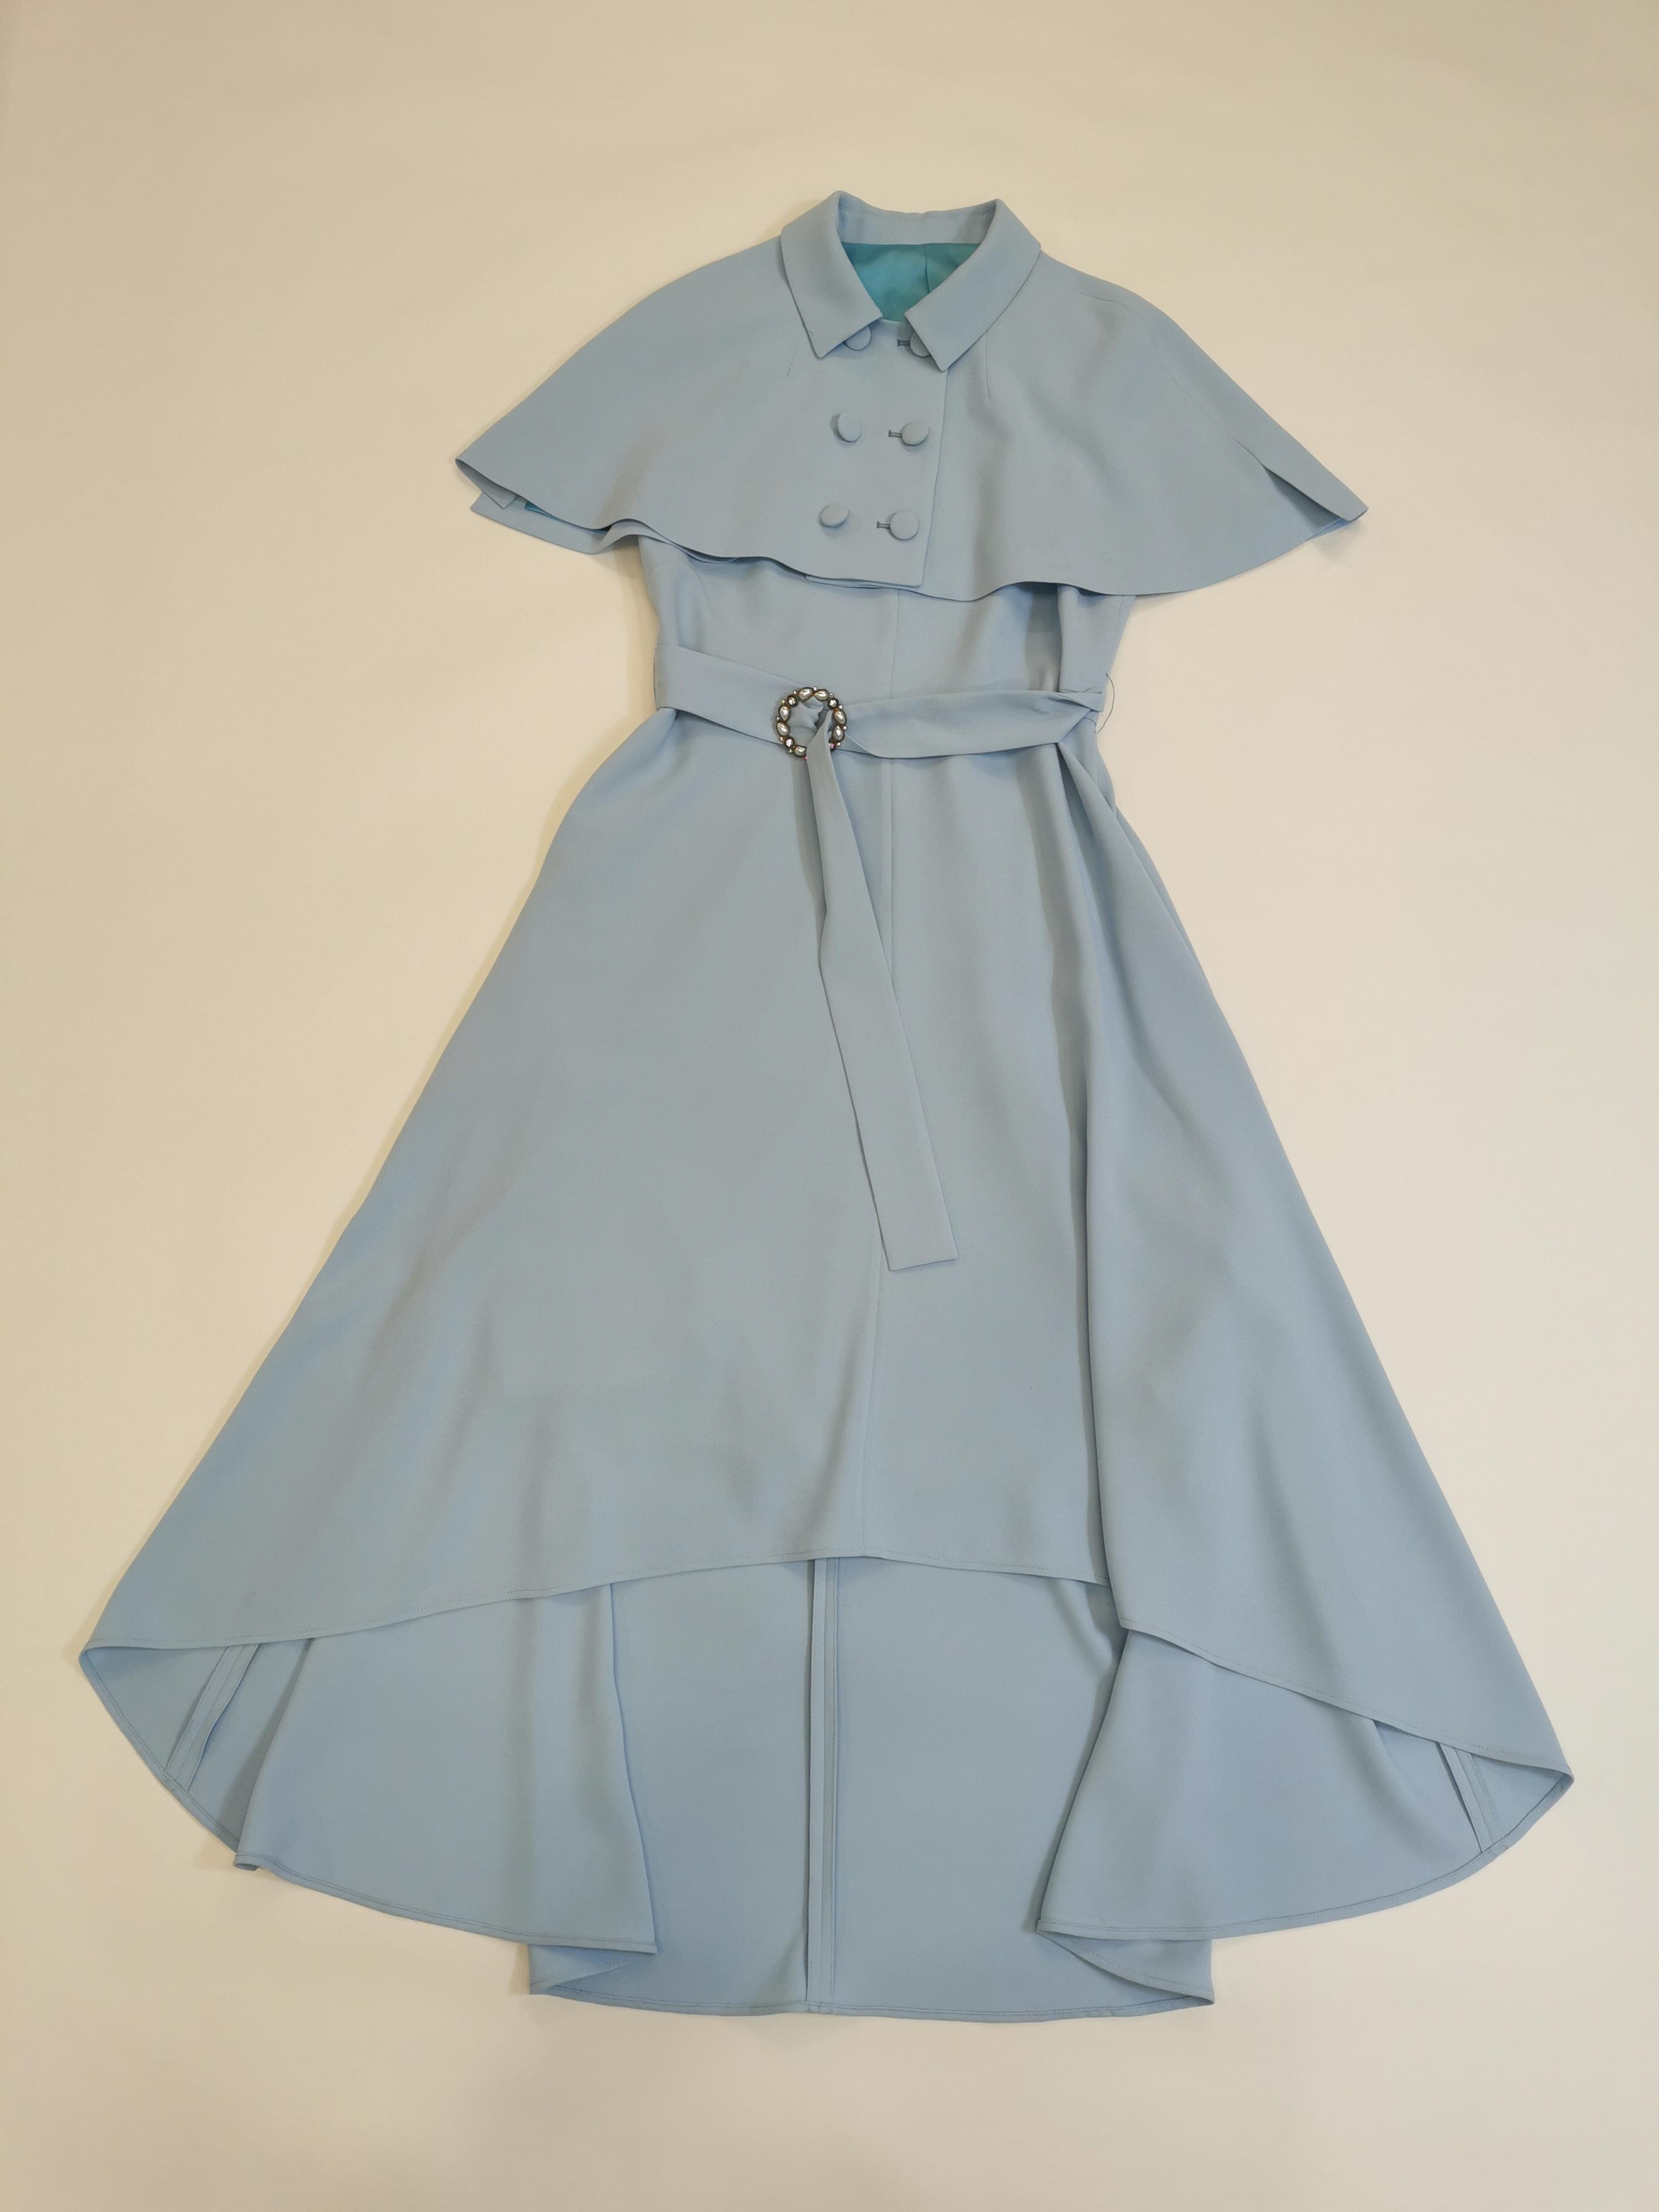 東姫の既製服は高級な服を注文して注文します。